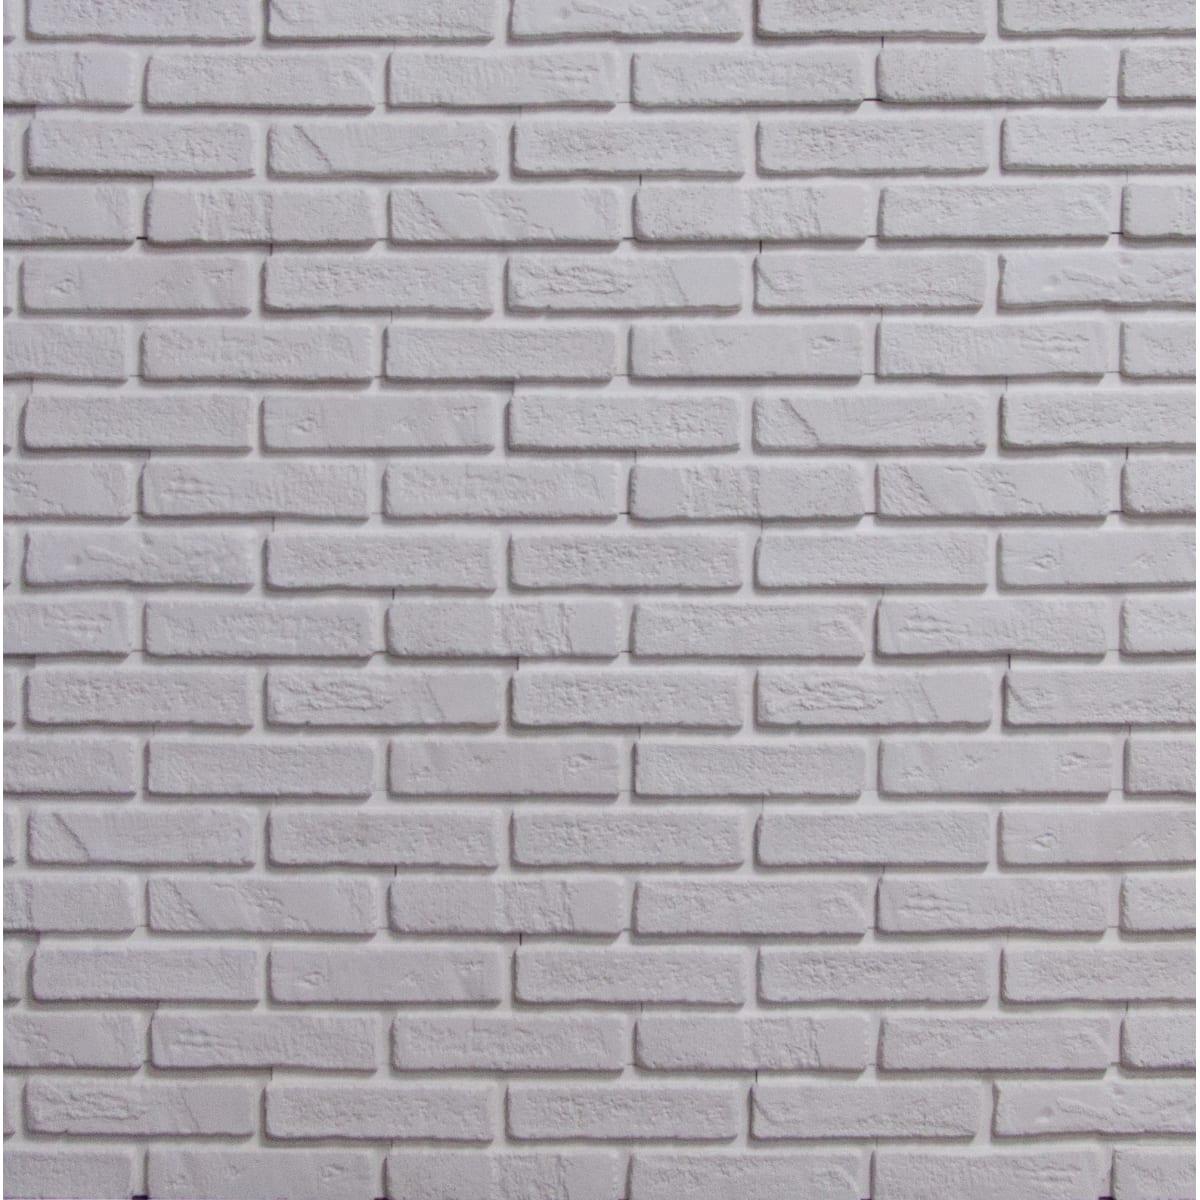 Декоративная плитка ЙоркБрик 0.55 м² белый